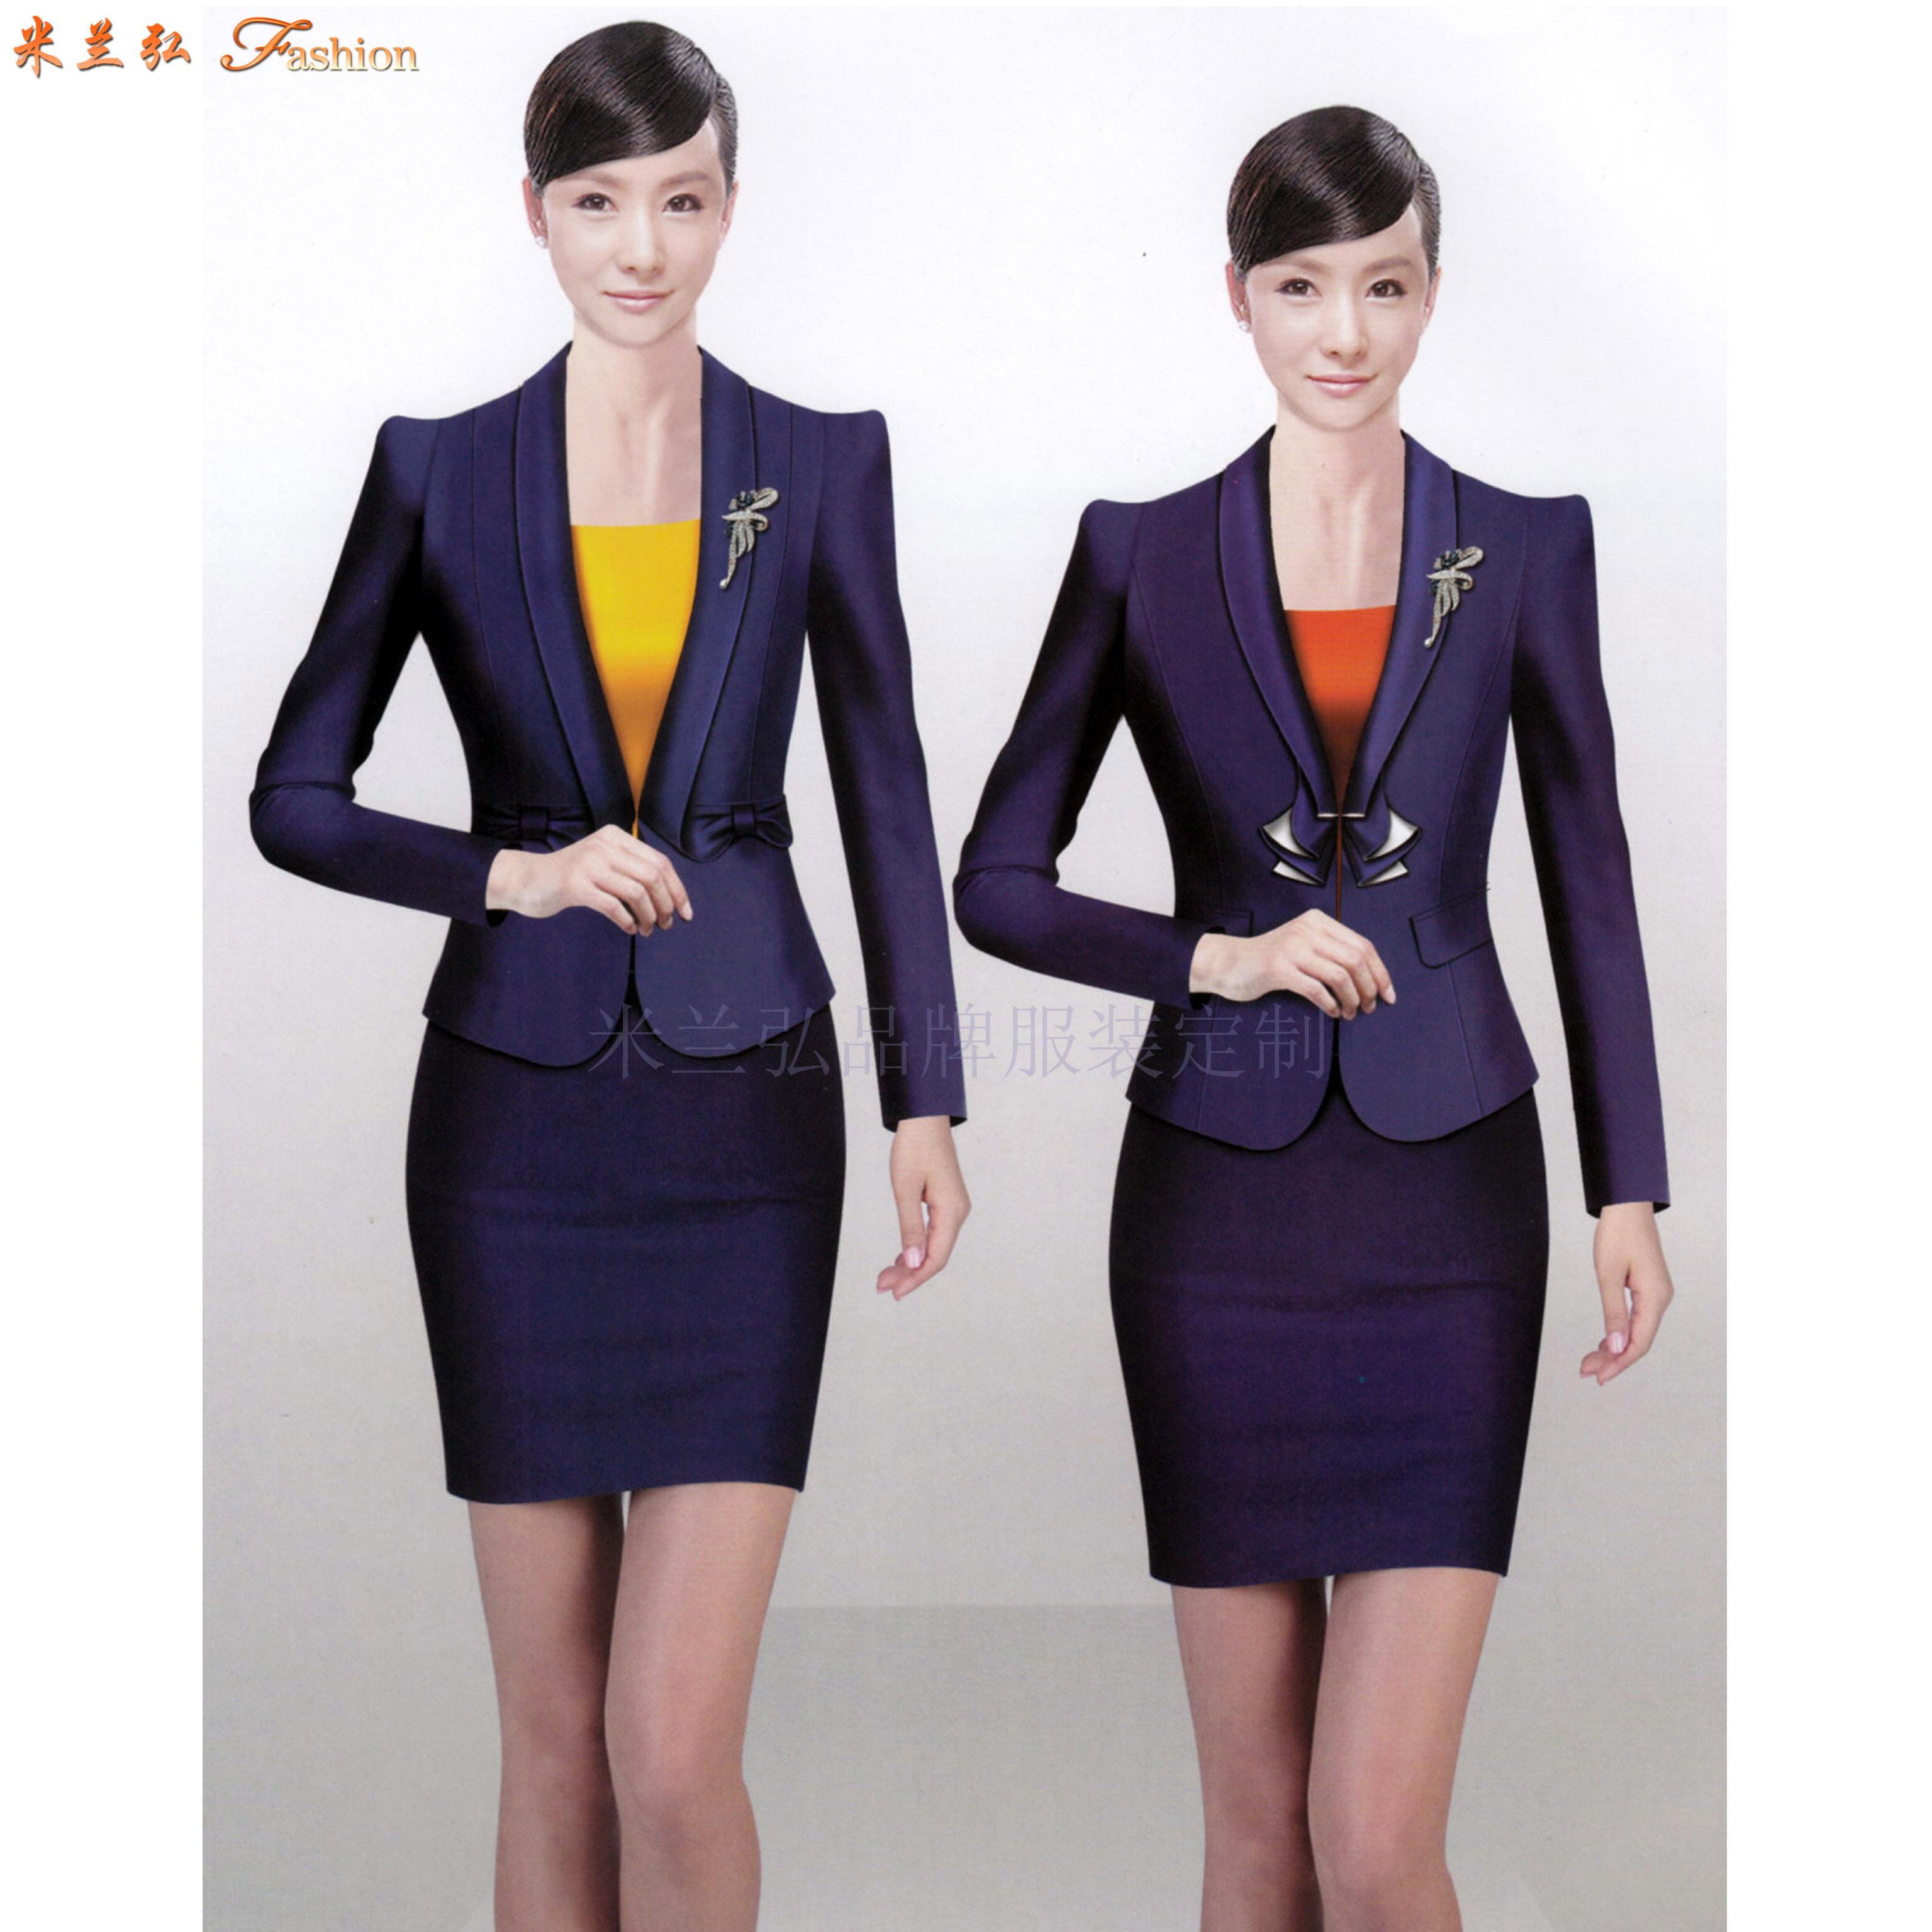 北京定制職業裝-訂做新穎潮流職業裝-米蘭弘服裝-1